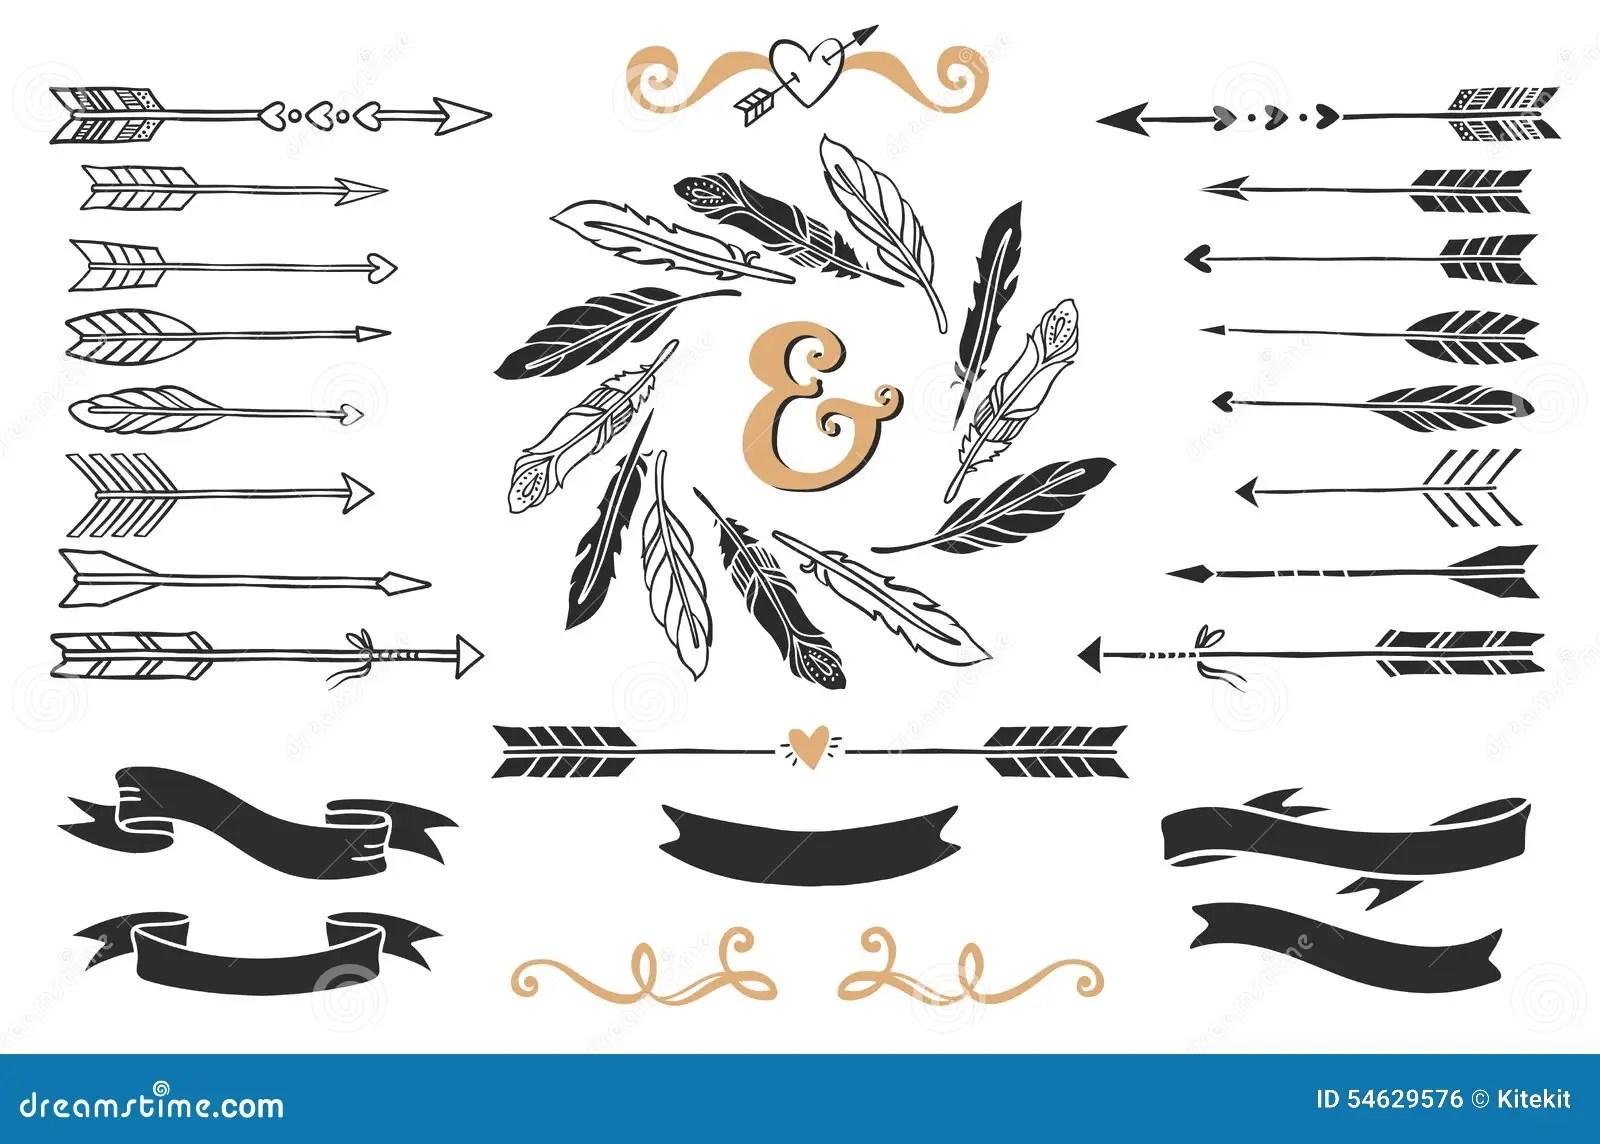 Bea Arrow Line Art